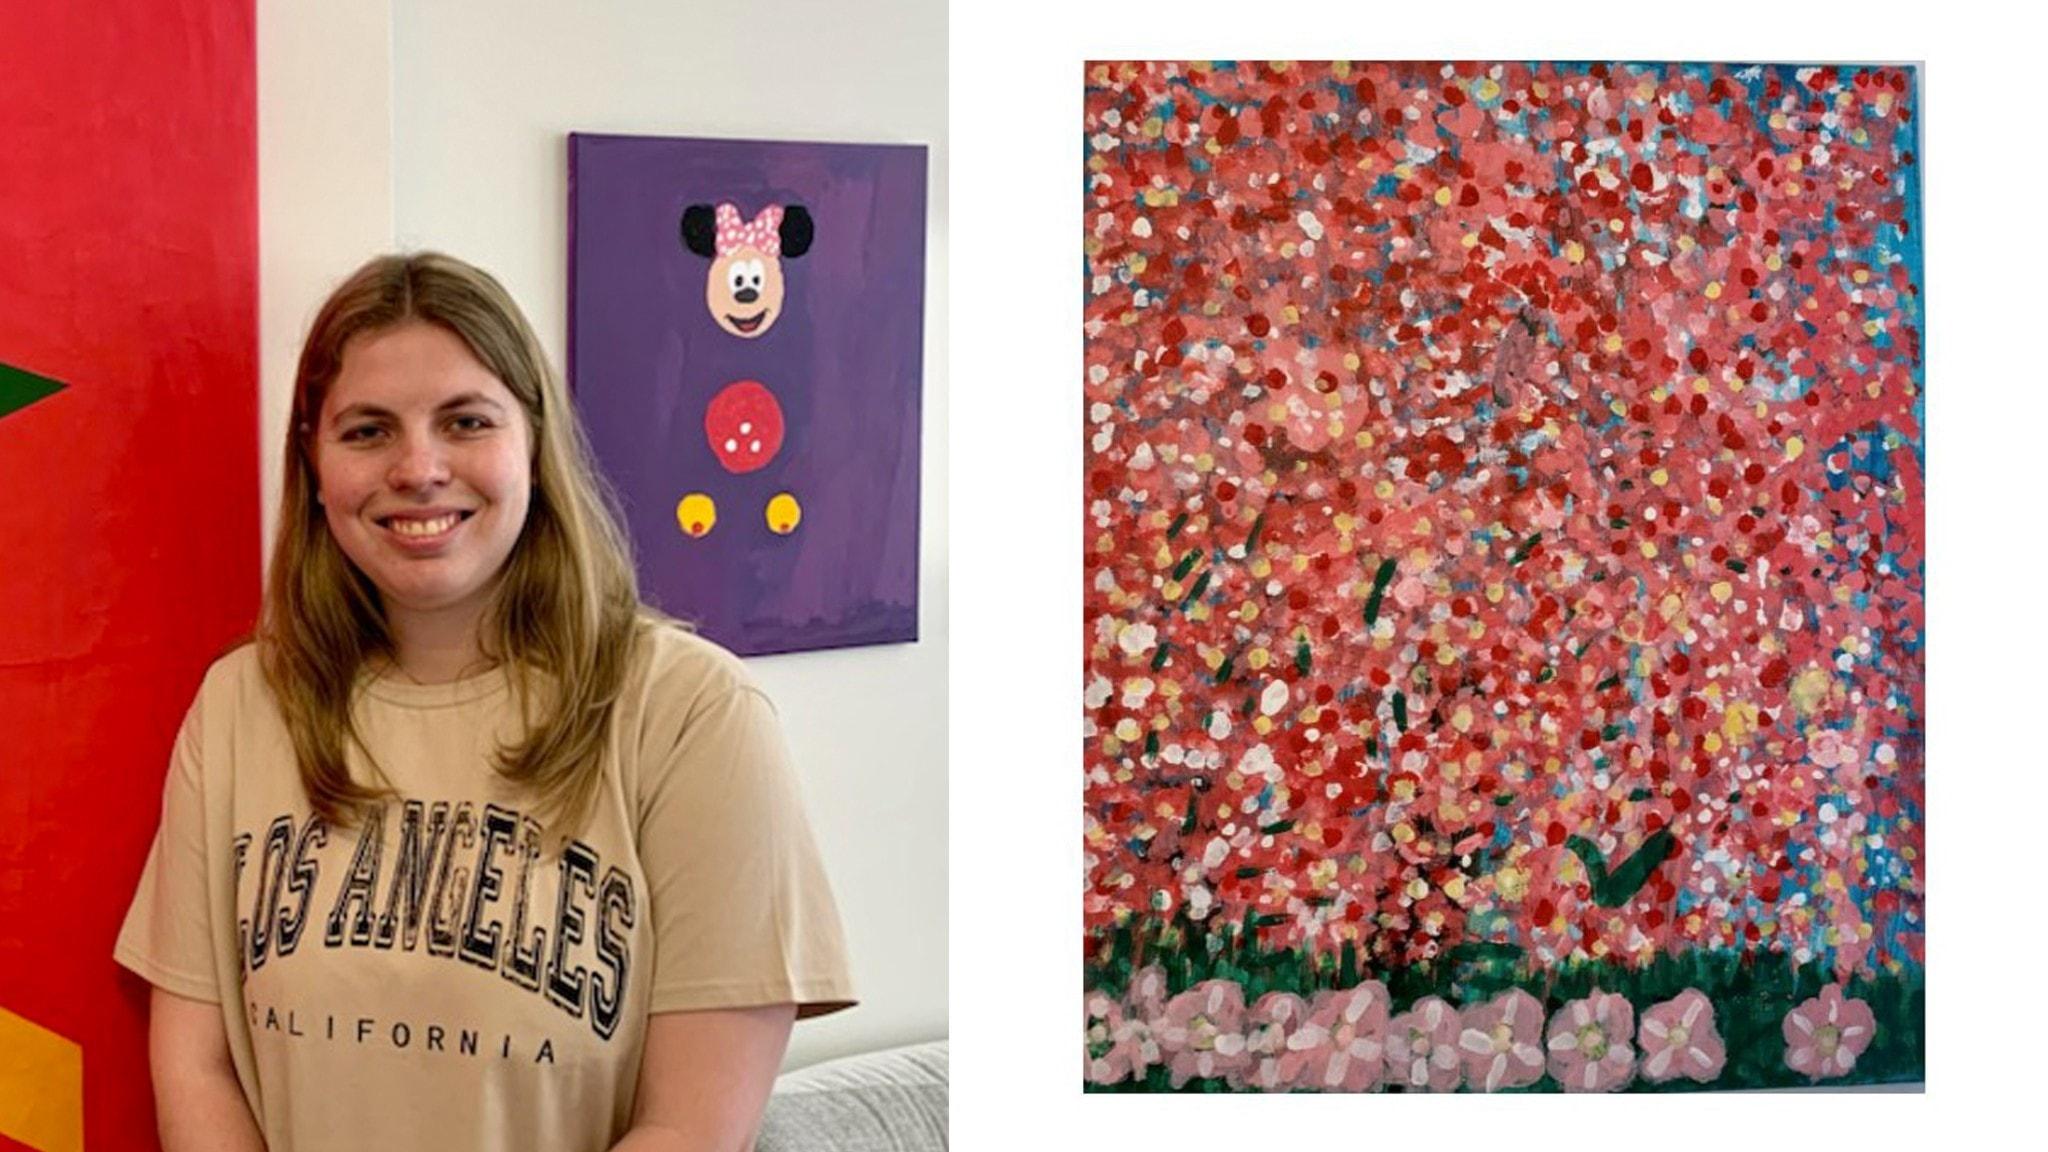 På det ena fotot syns Hanna Jonsson. Hon har långt hår. Tavlan till höger visar blommande körsbärsträd.